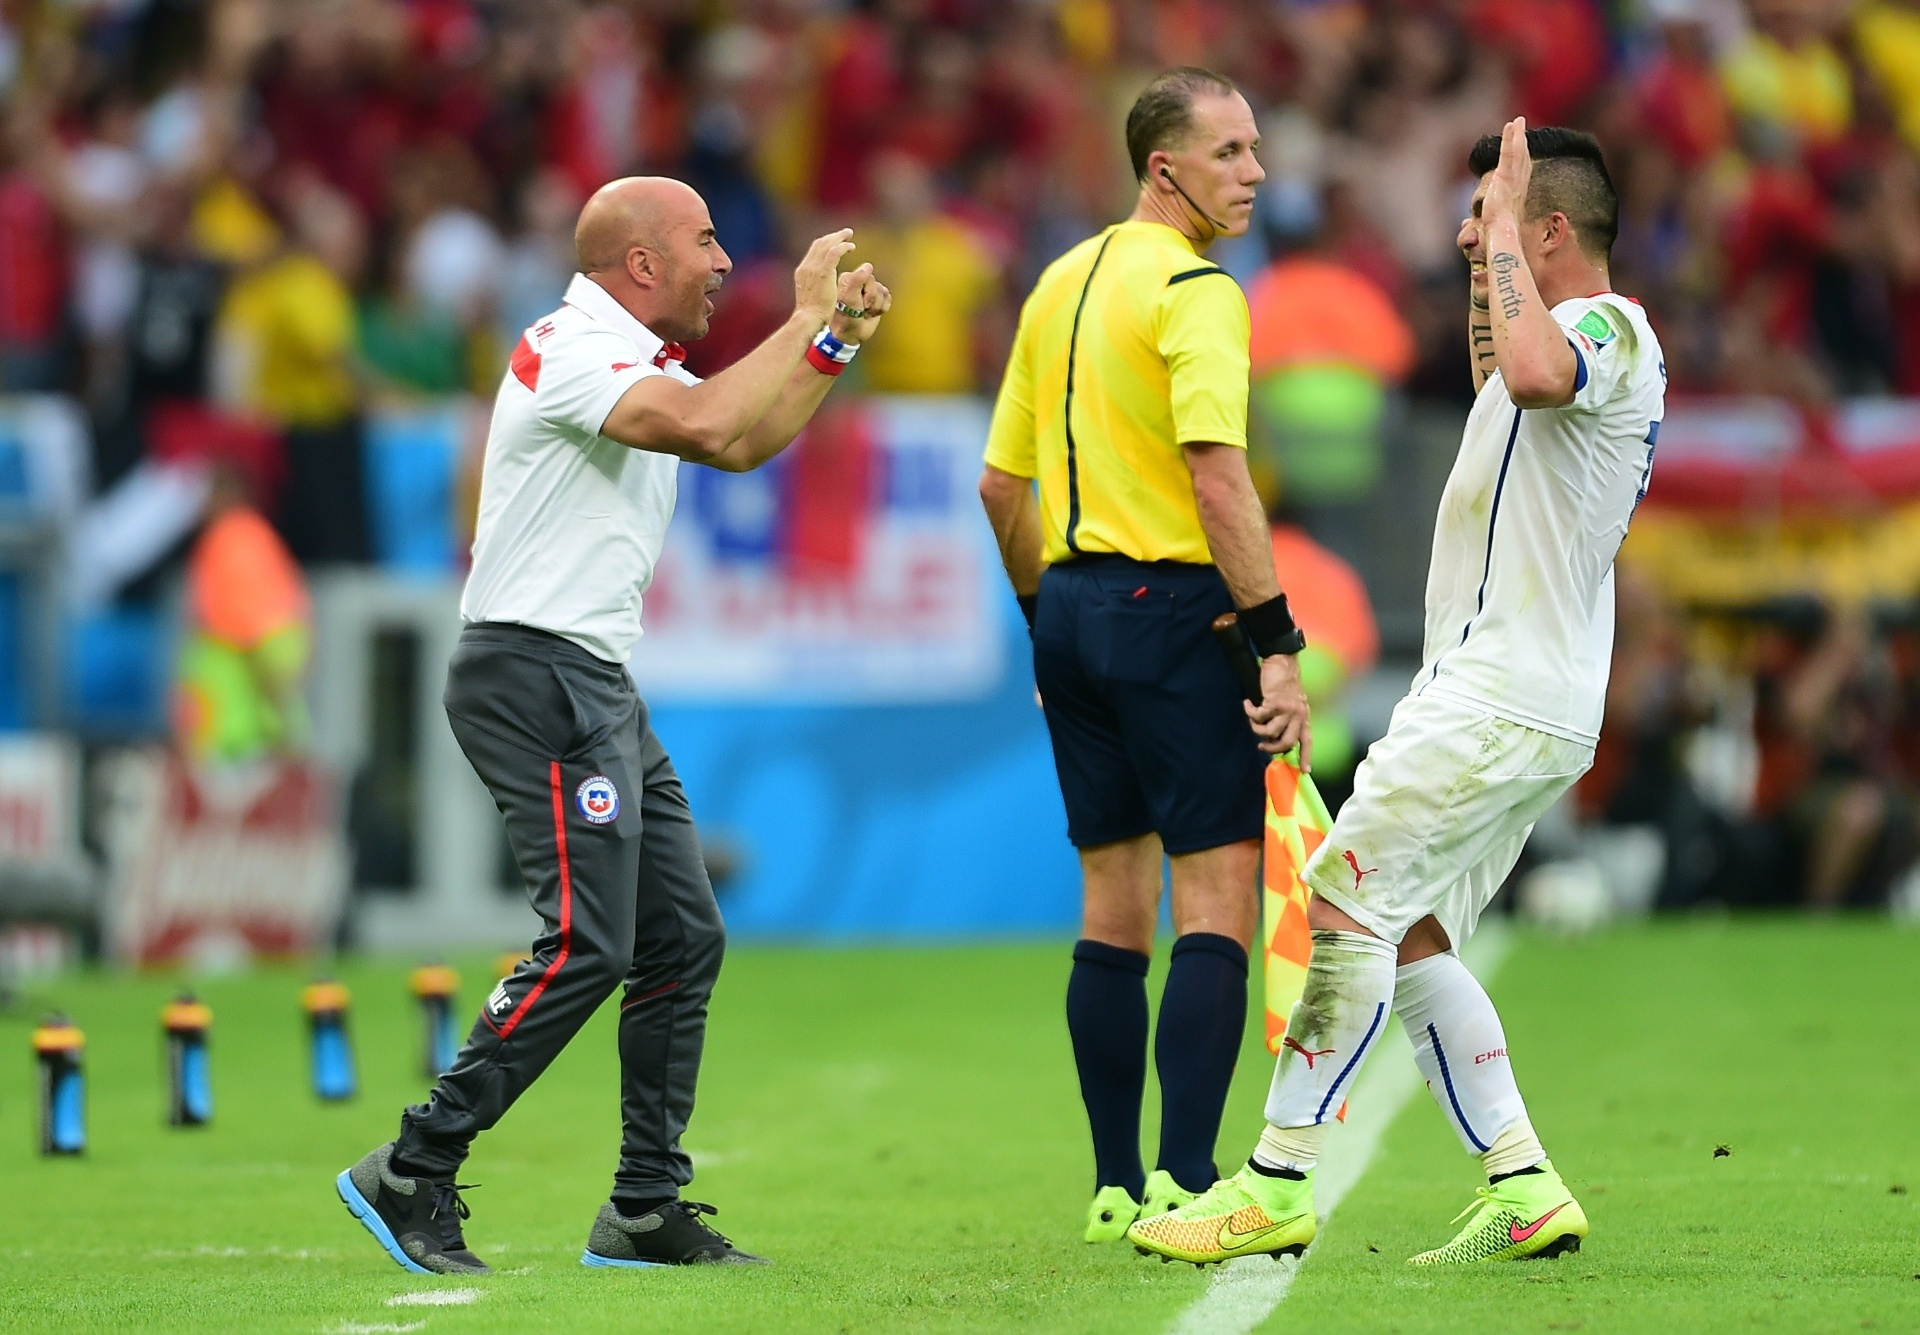 Chileno Eduardo Vargas comemora com o técnico Jorge Sampaoli após abrir o placar contra a Espanha